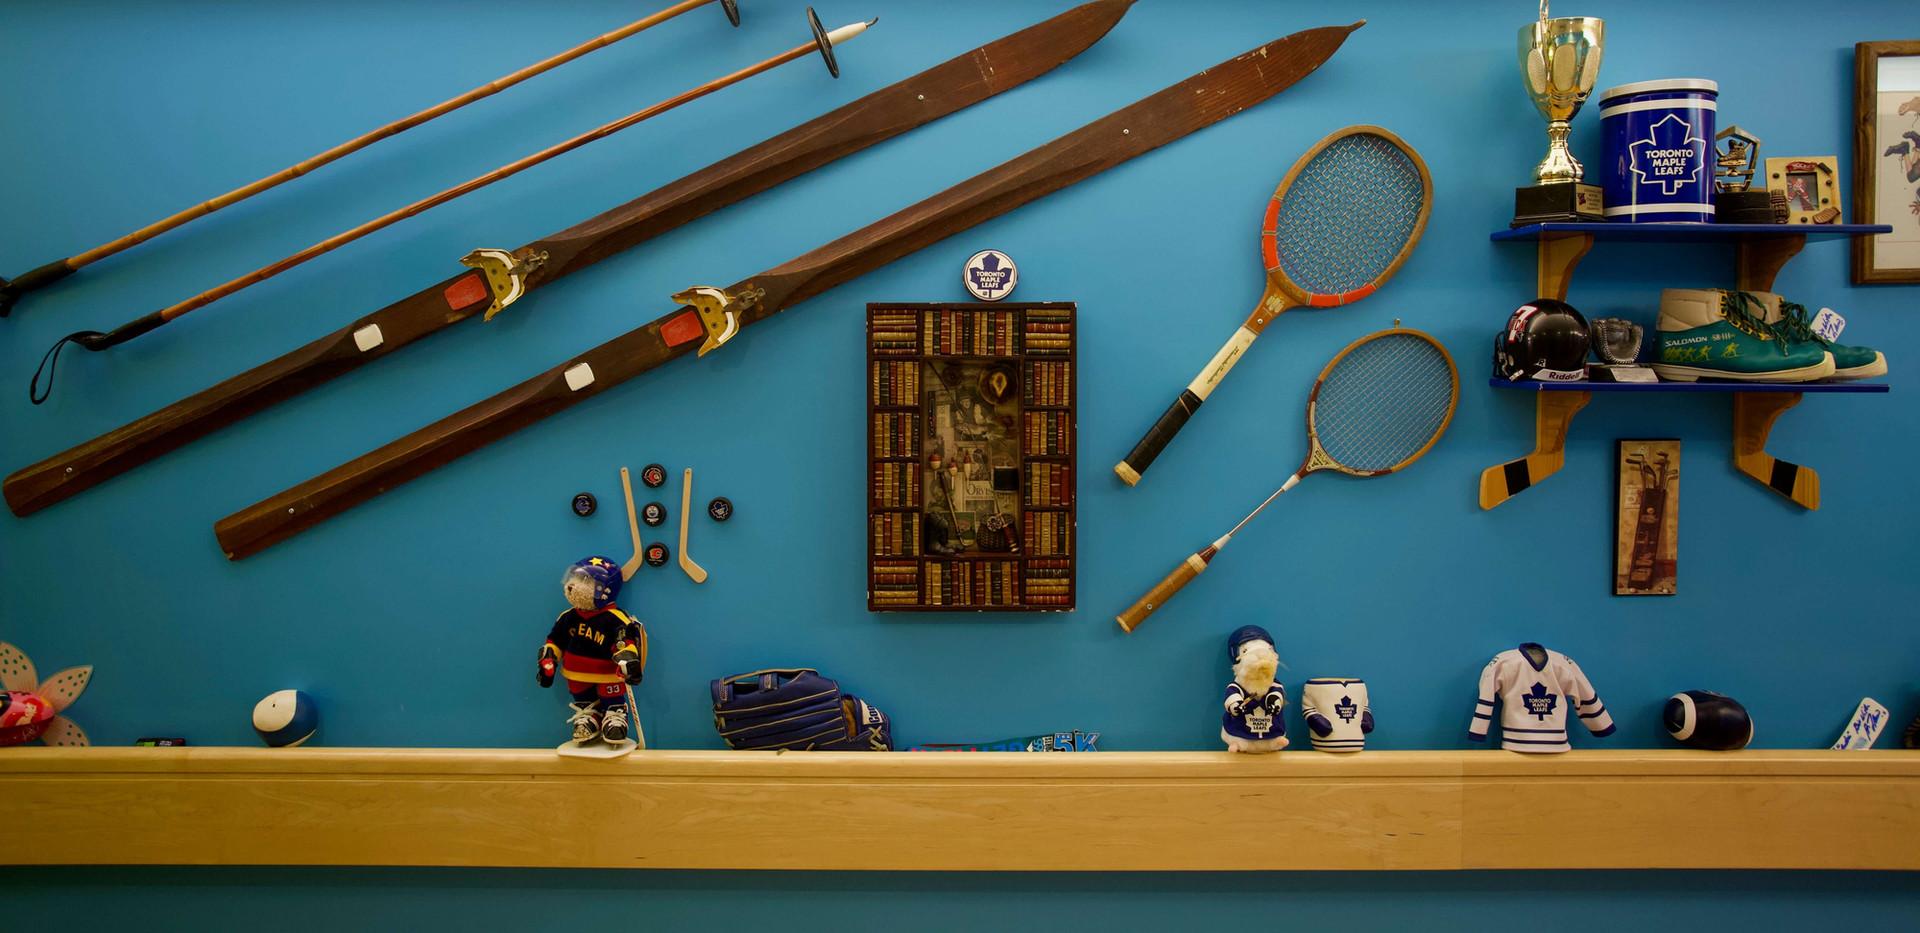 Sports Wall 1.jpg